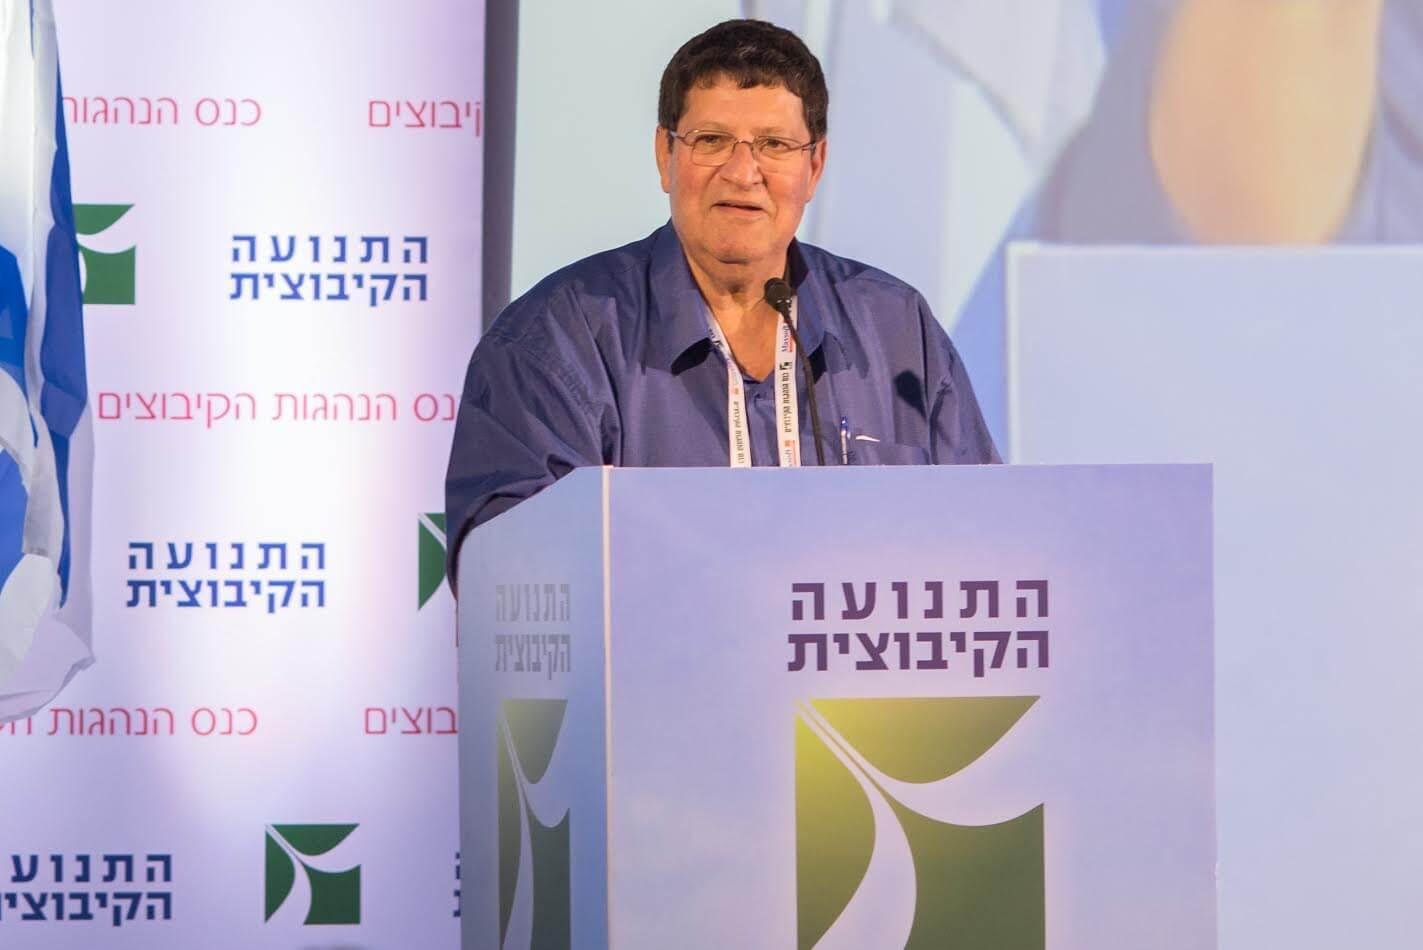 ניר מאיר, המזכיר הכללי של התנועה הקיבוצית, מברך על סגירת התיק נגד החקלאי שירה בפורץ